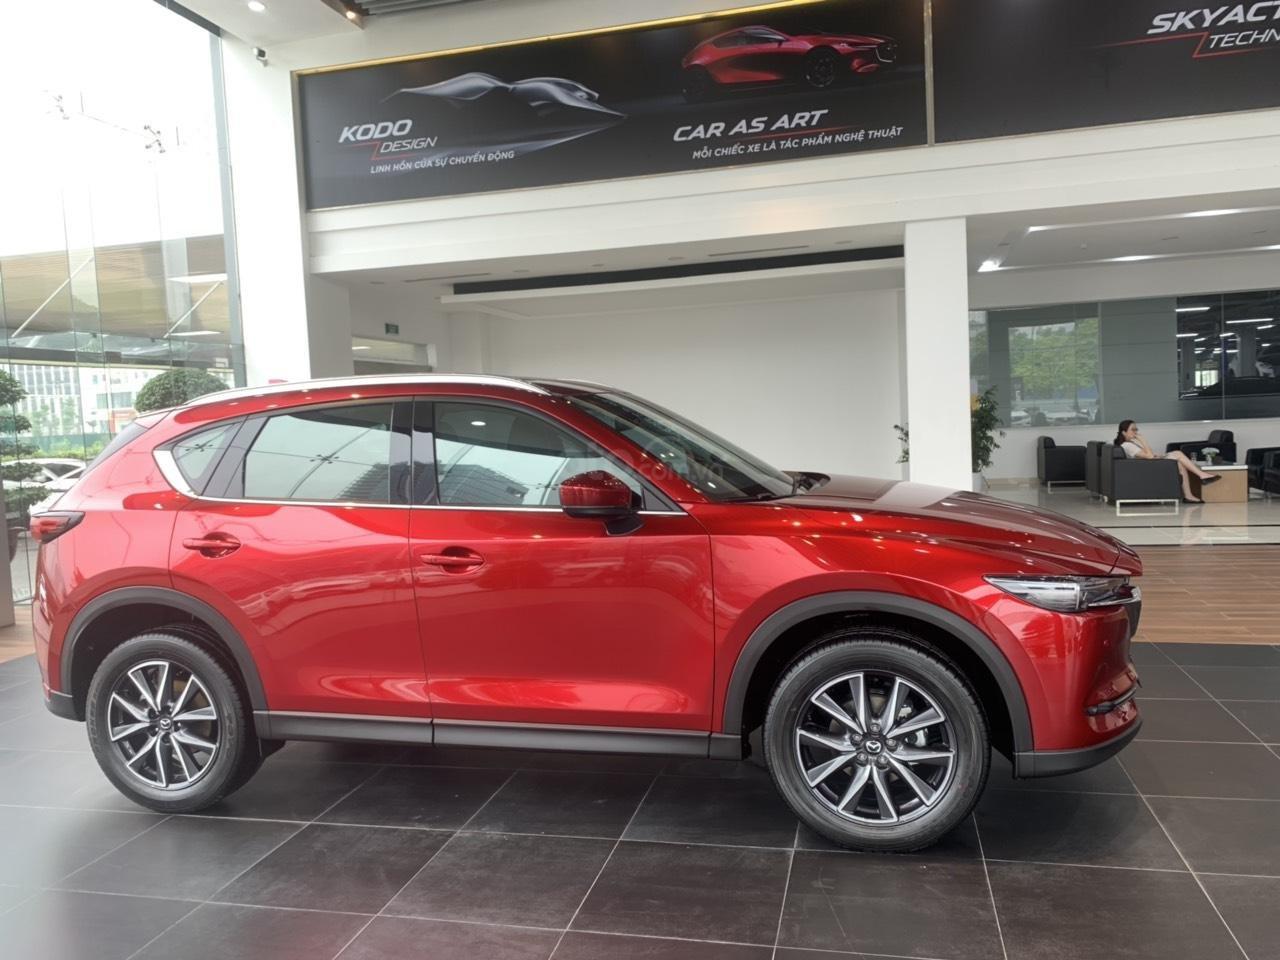 Mazda CX5 2.0 2019 ưu đãi T11 100tr, TG 90%, hỗ trợ giao xe, ĐKĐK, giải quyết nợ xấu, LH 0981 485 819 (10)